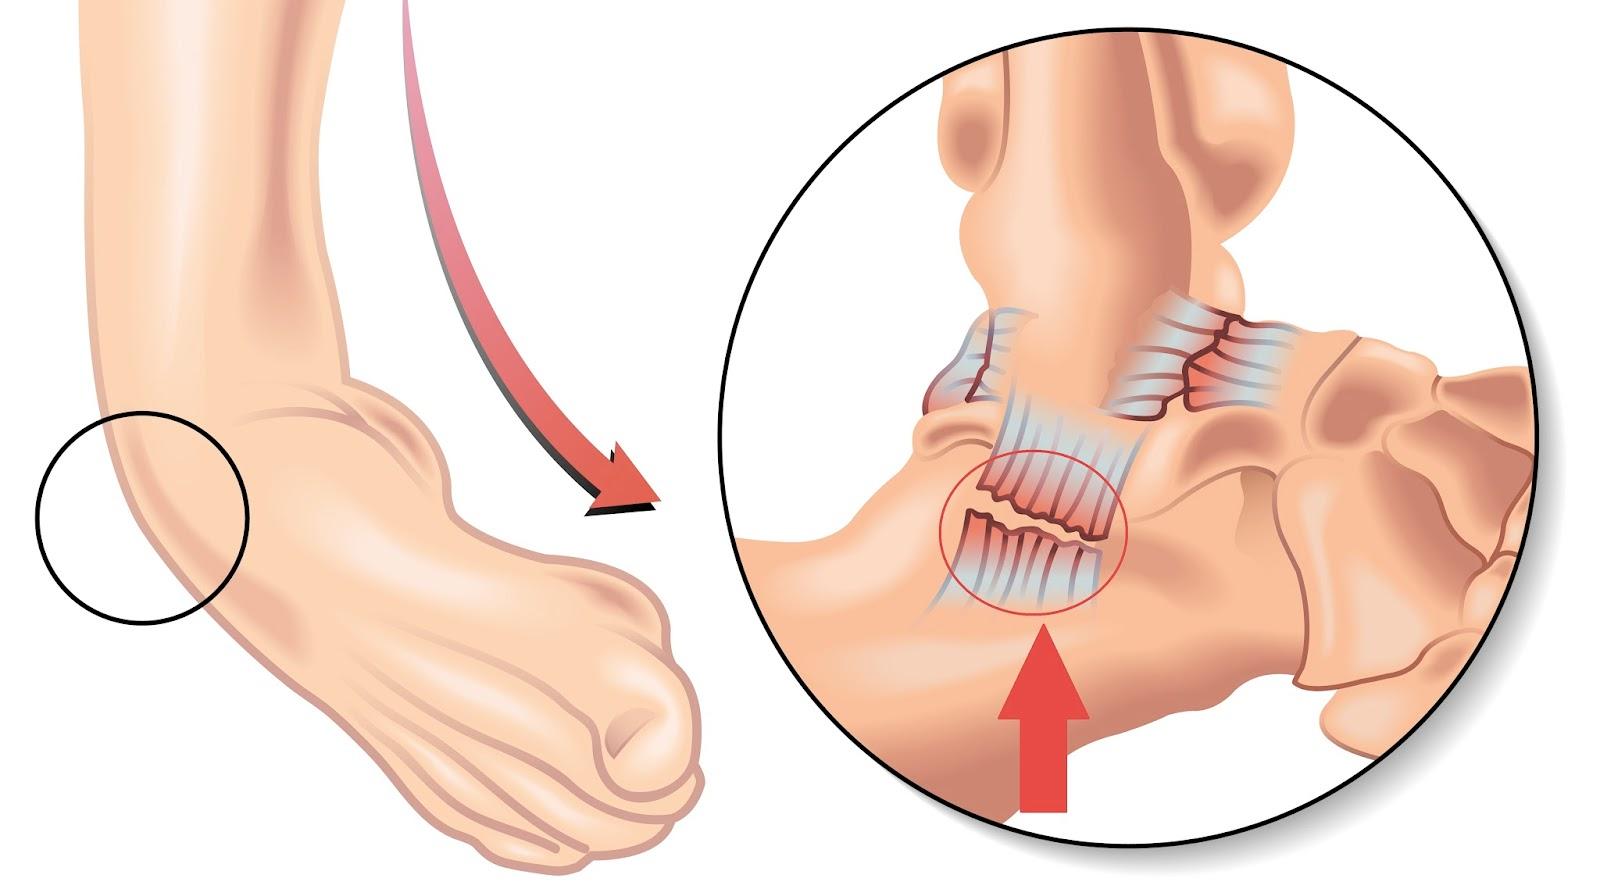 lésion du ligament sur la partie externe de la cheville